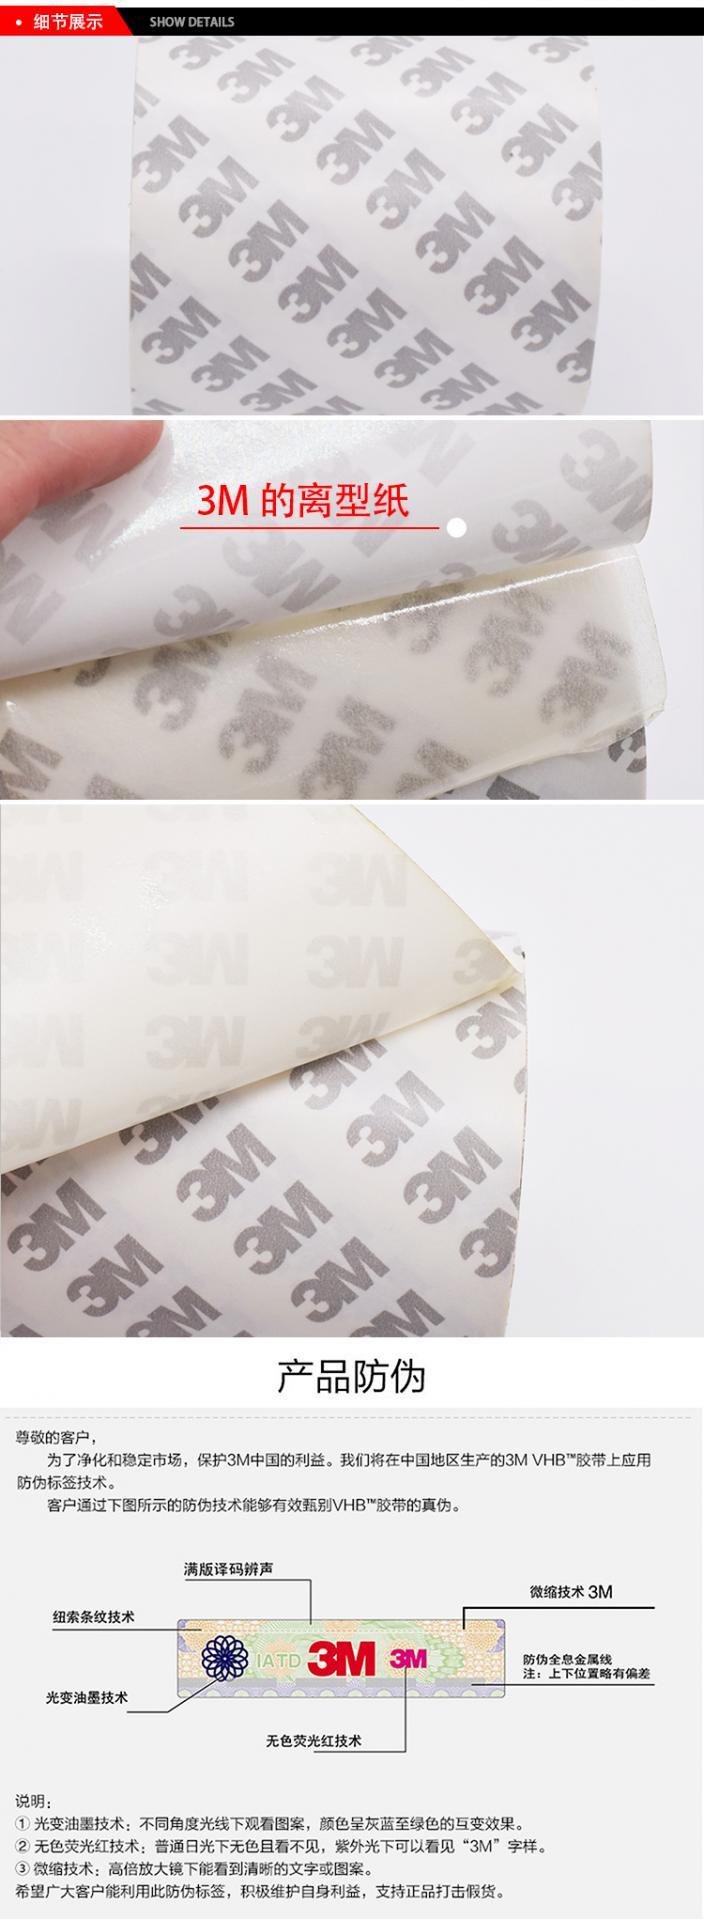 3M90系列耐高温透明无基材双面胶细节展示